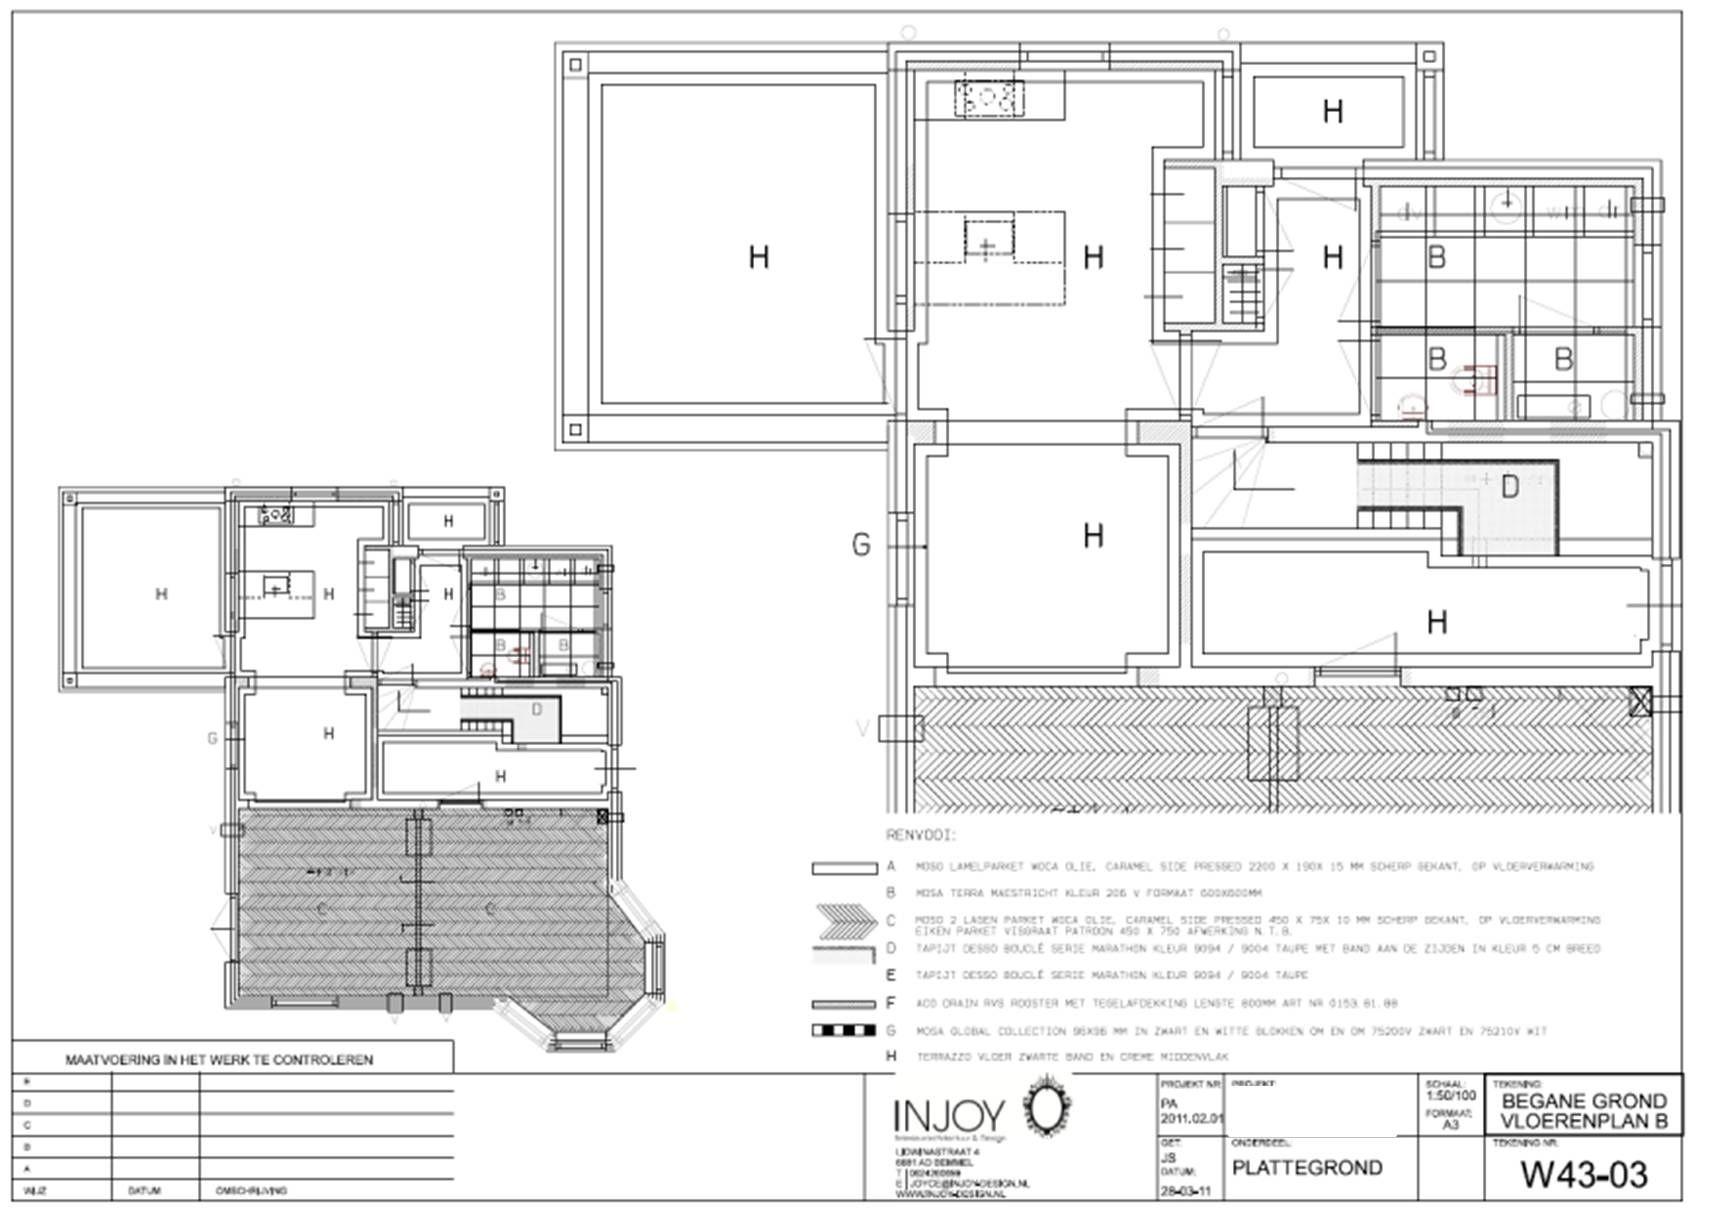 Technisch tekening huis google zoeken technisch tekenen pinterest zoeken - Lay outs rond het huis ...